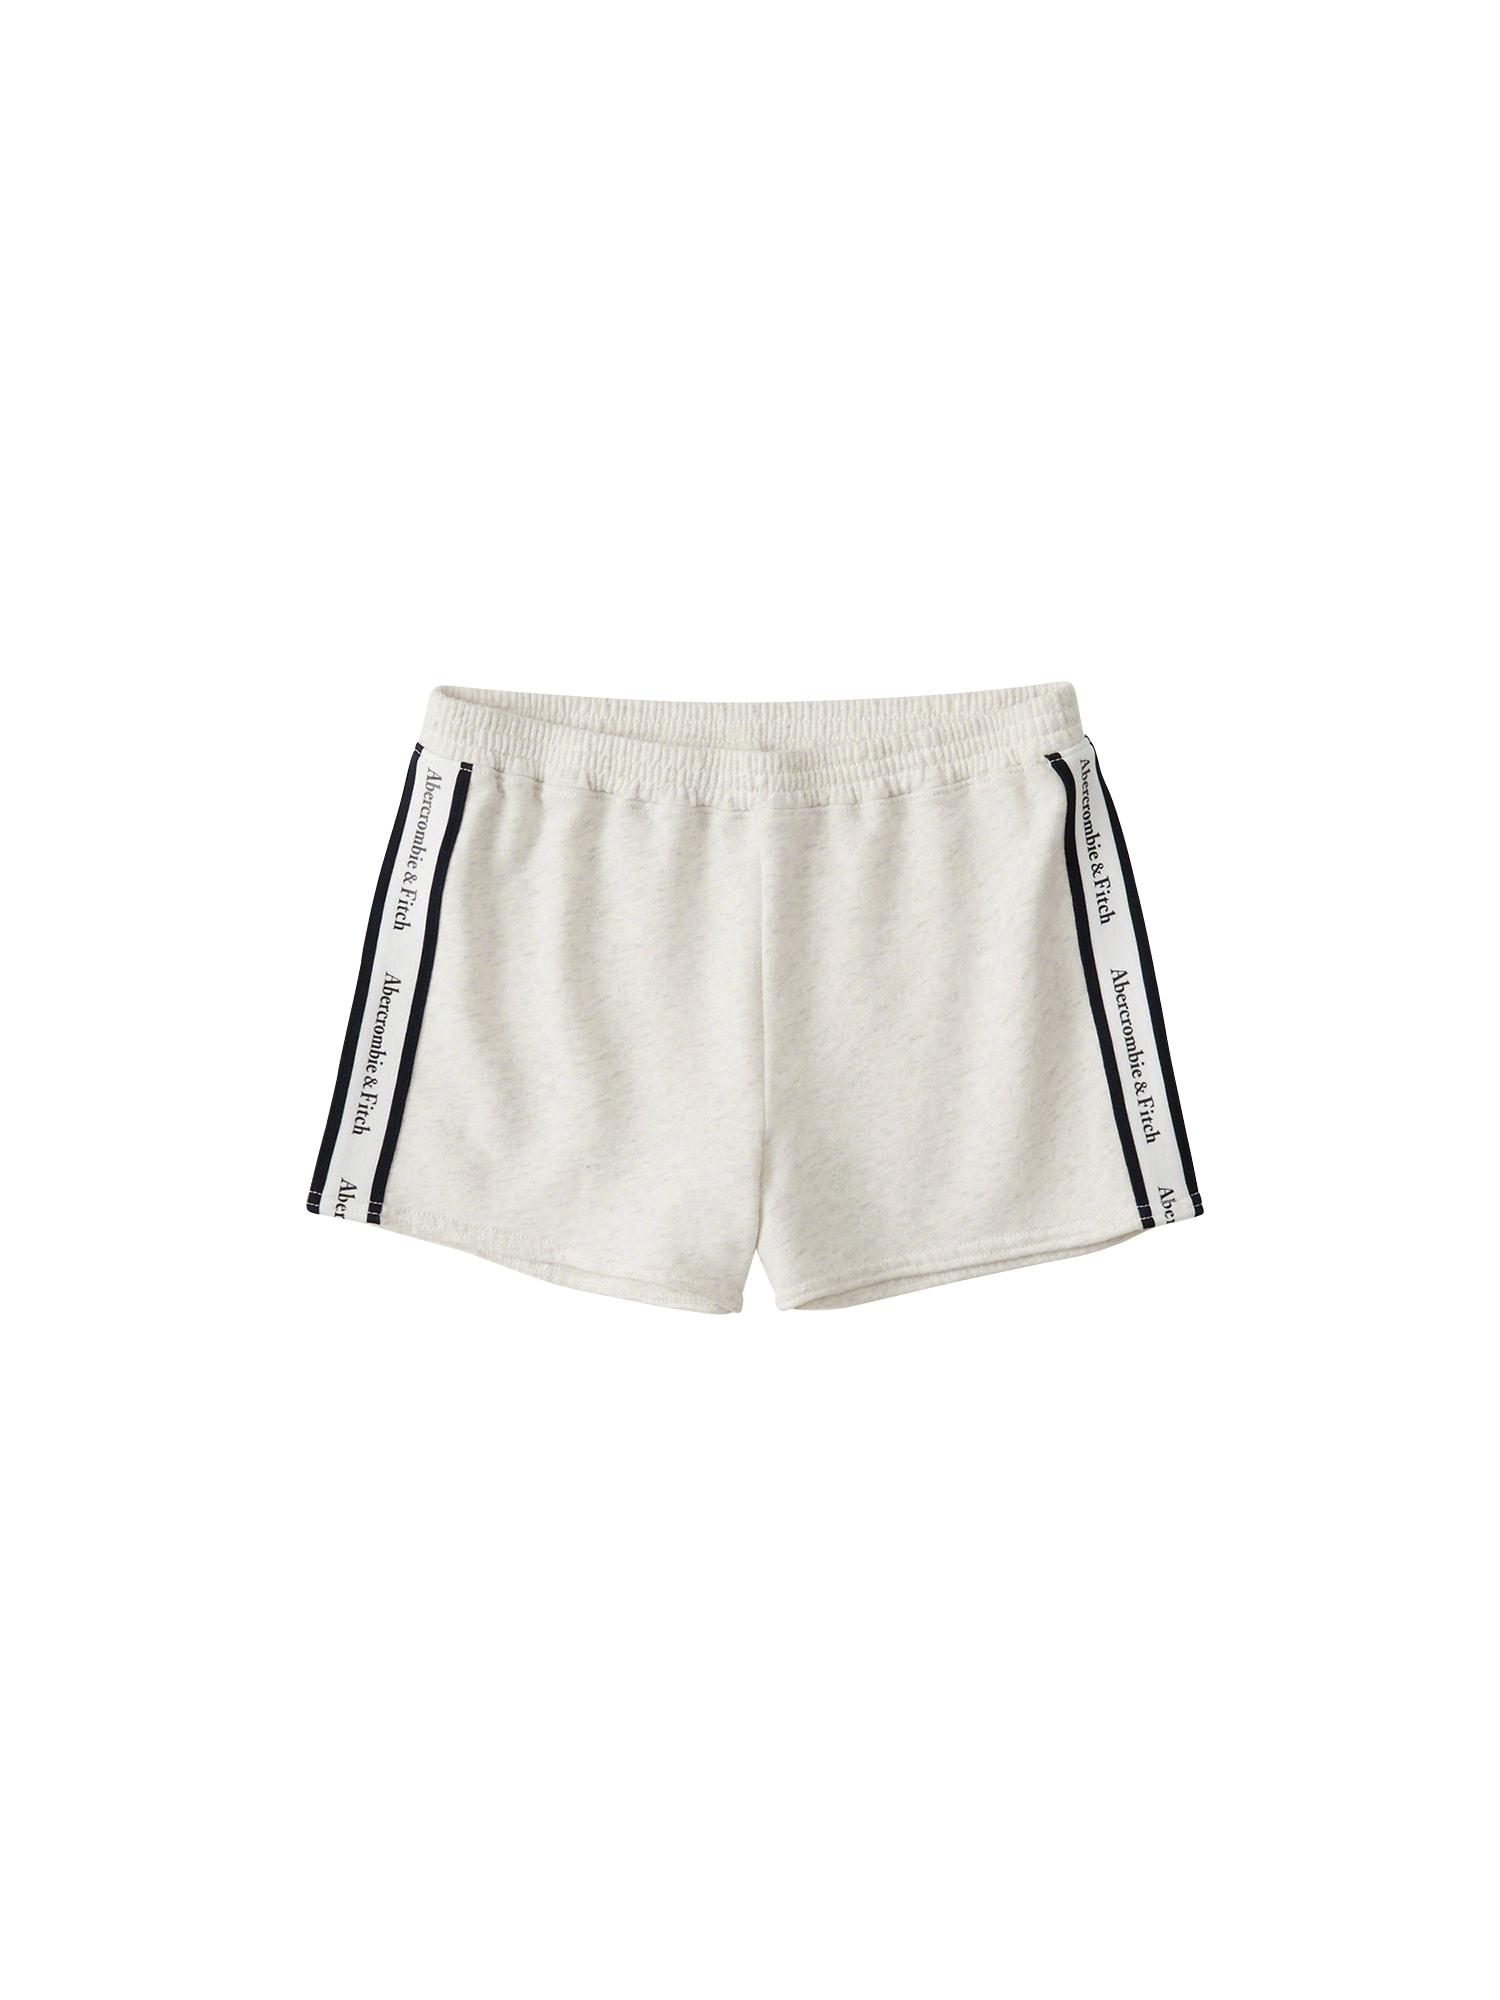 Kalhoty SB19-SPRING LOGO SHORT - LOGO TAPE béžová Abercrombie & Fitch